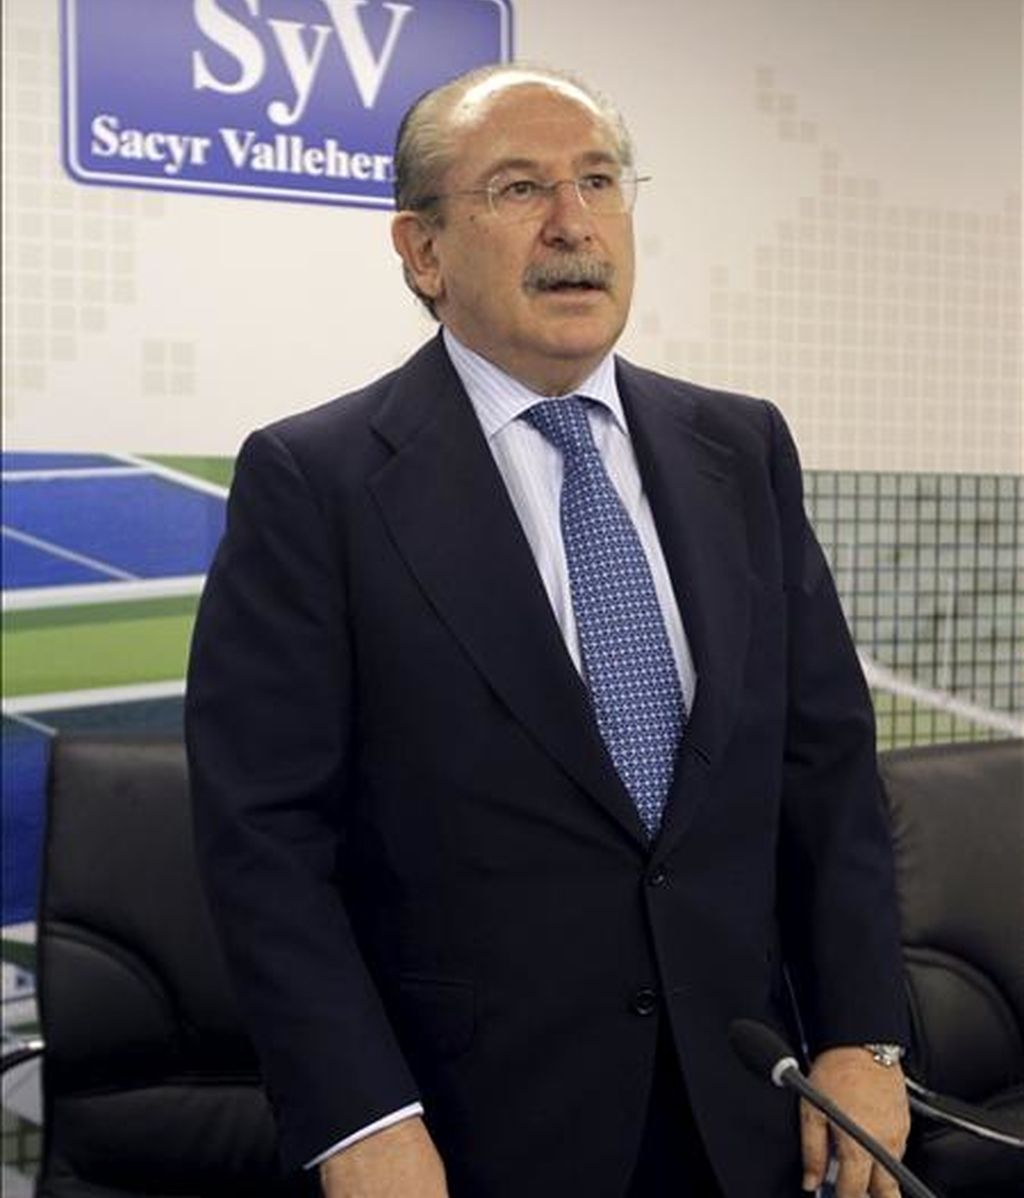 El presidente del consejo de administración de Sacyr Vallehermoso, Luis del Rivero. EFE/Archivo